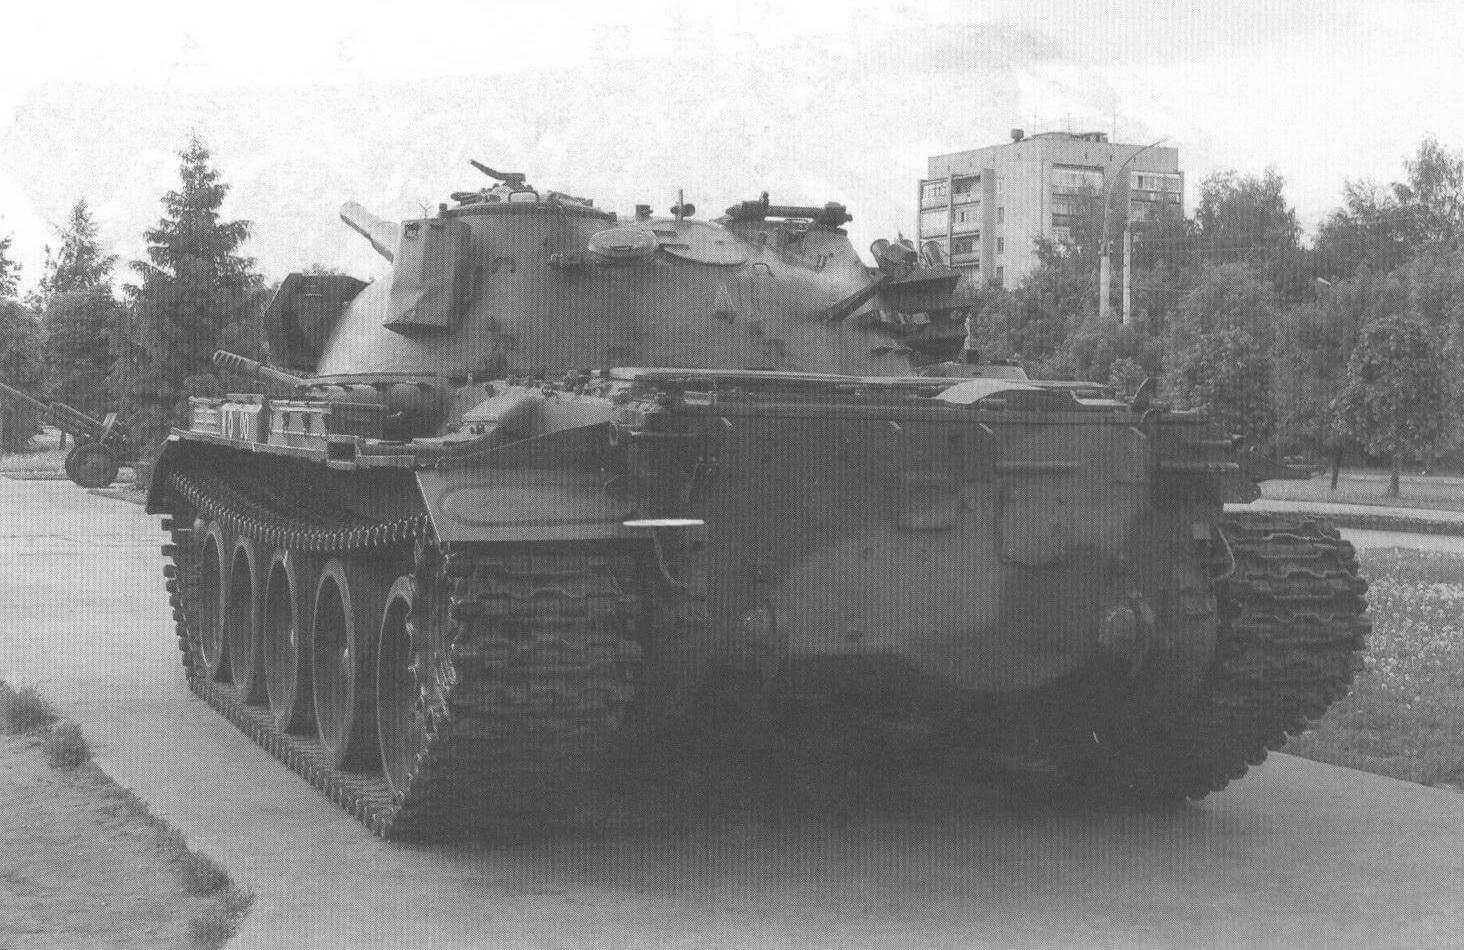 Кормовая часть танка Т-62М